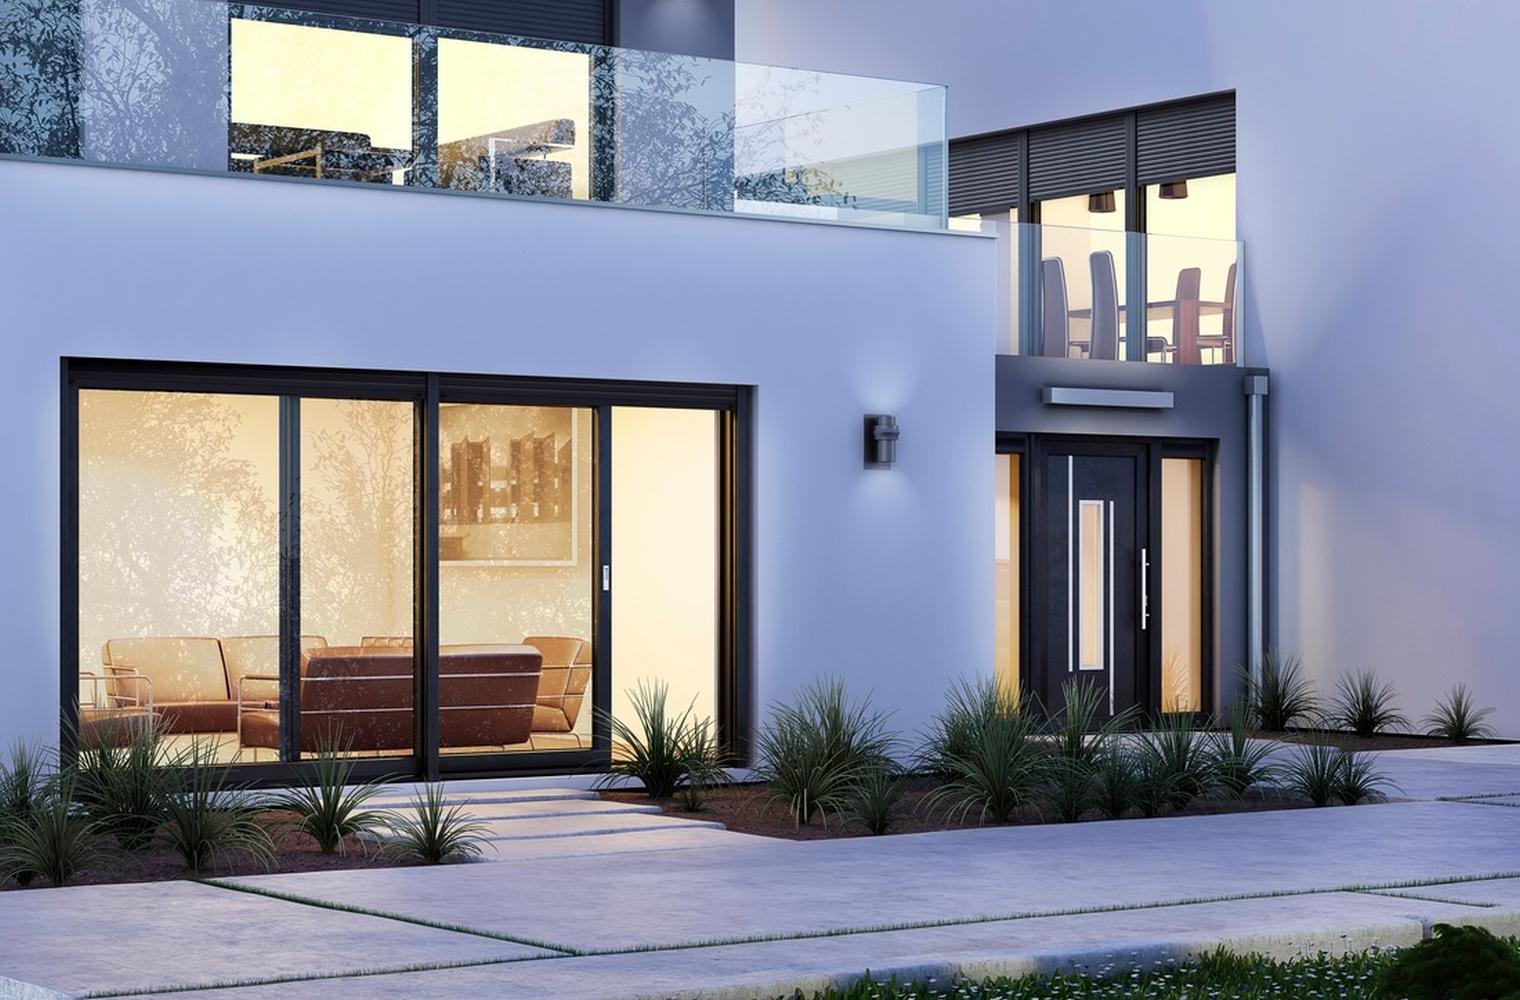 Eingangstr anthrazit great von haustr tr stahltr eingangstr anthrazit rcn with eingangstr - Haus mit anthrazit fenster ...